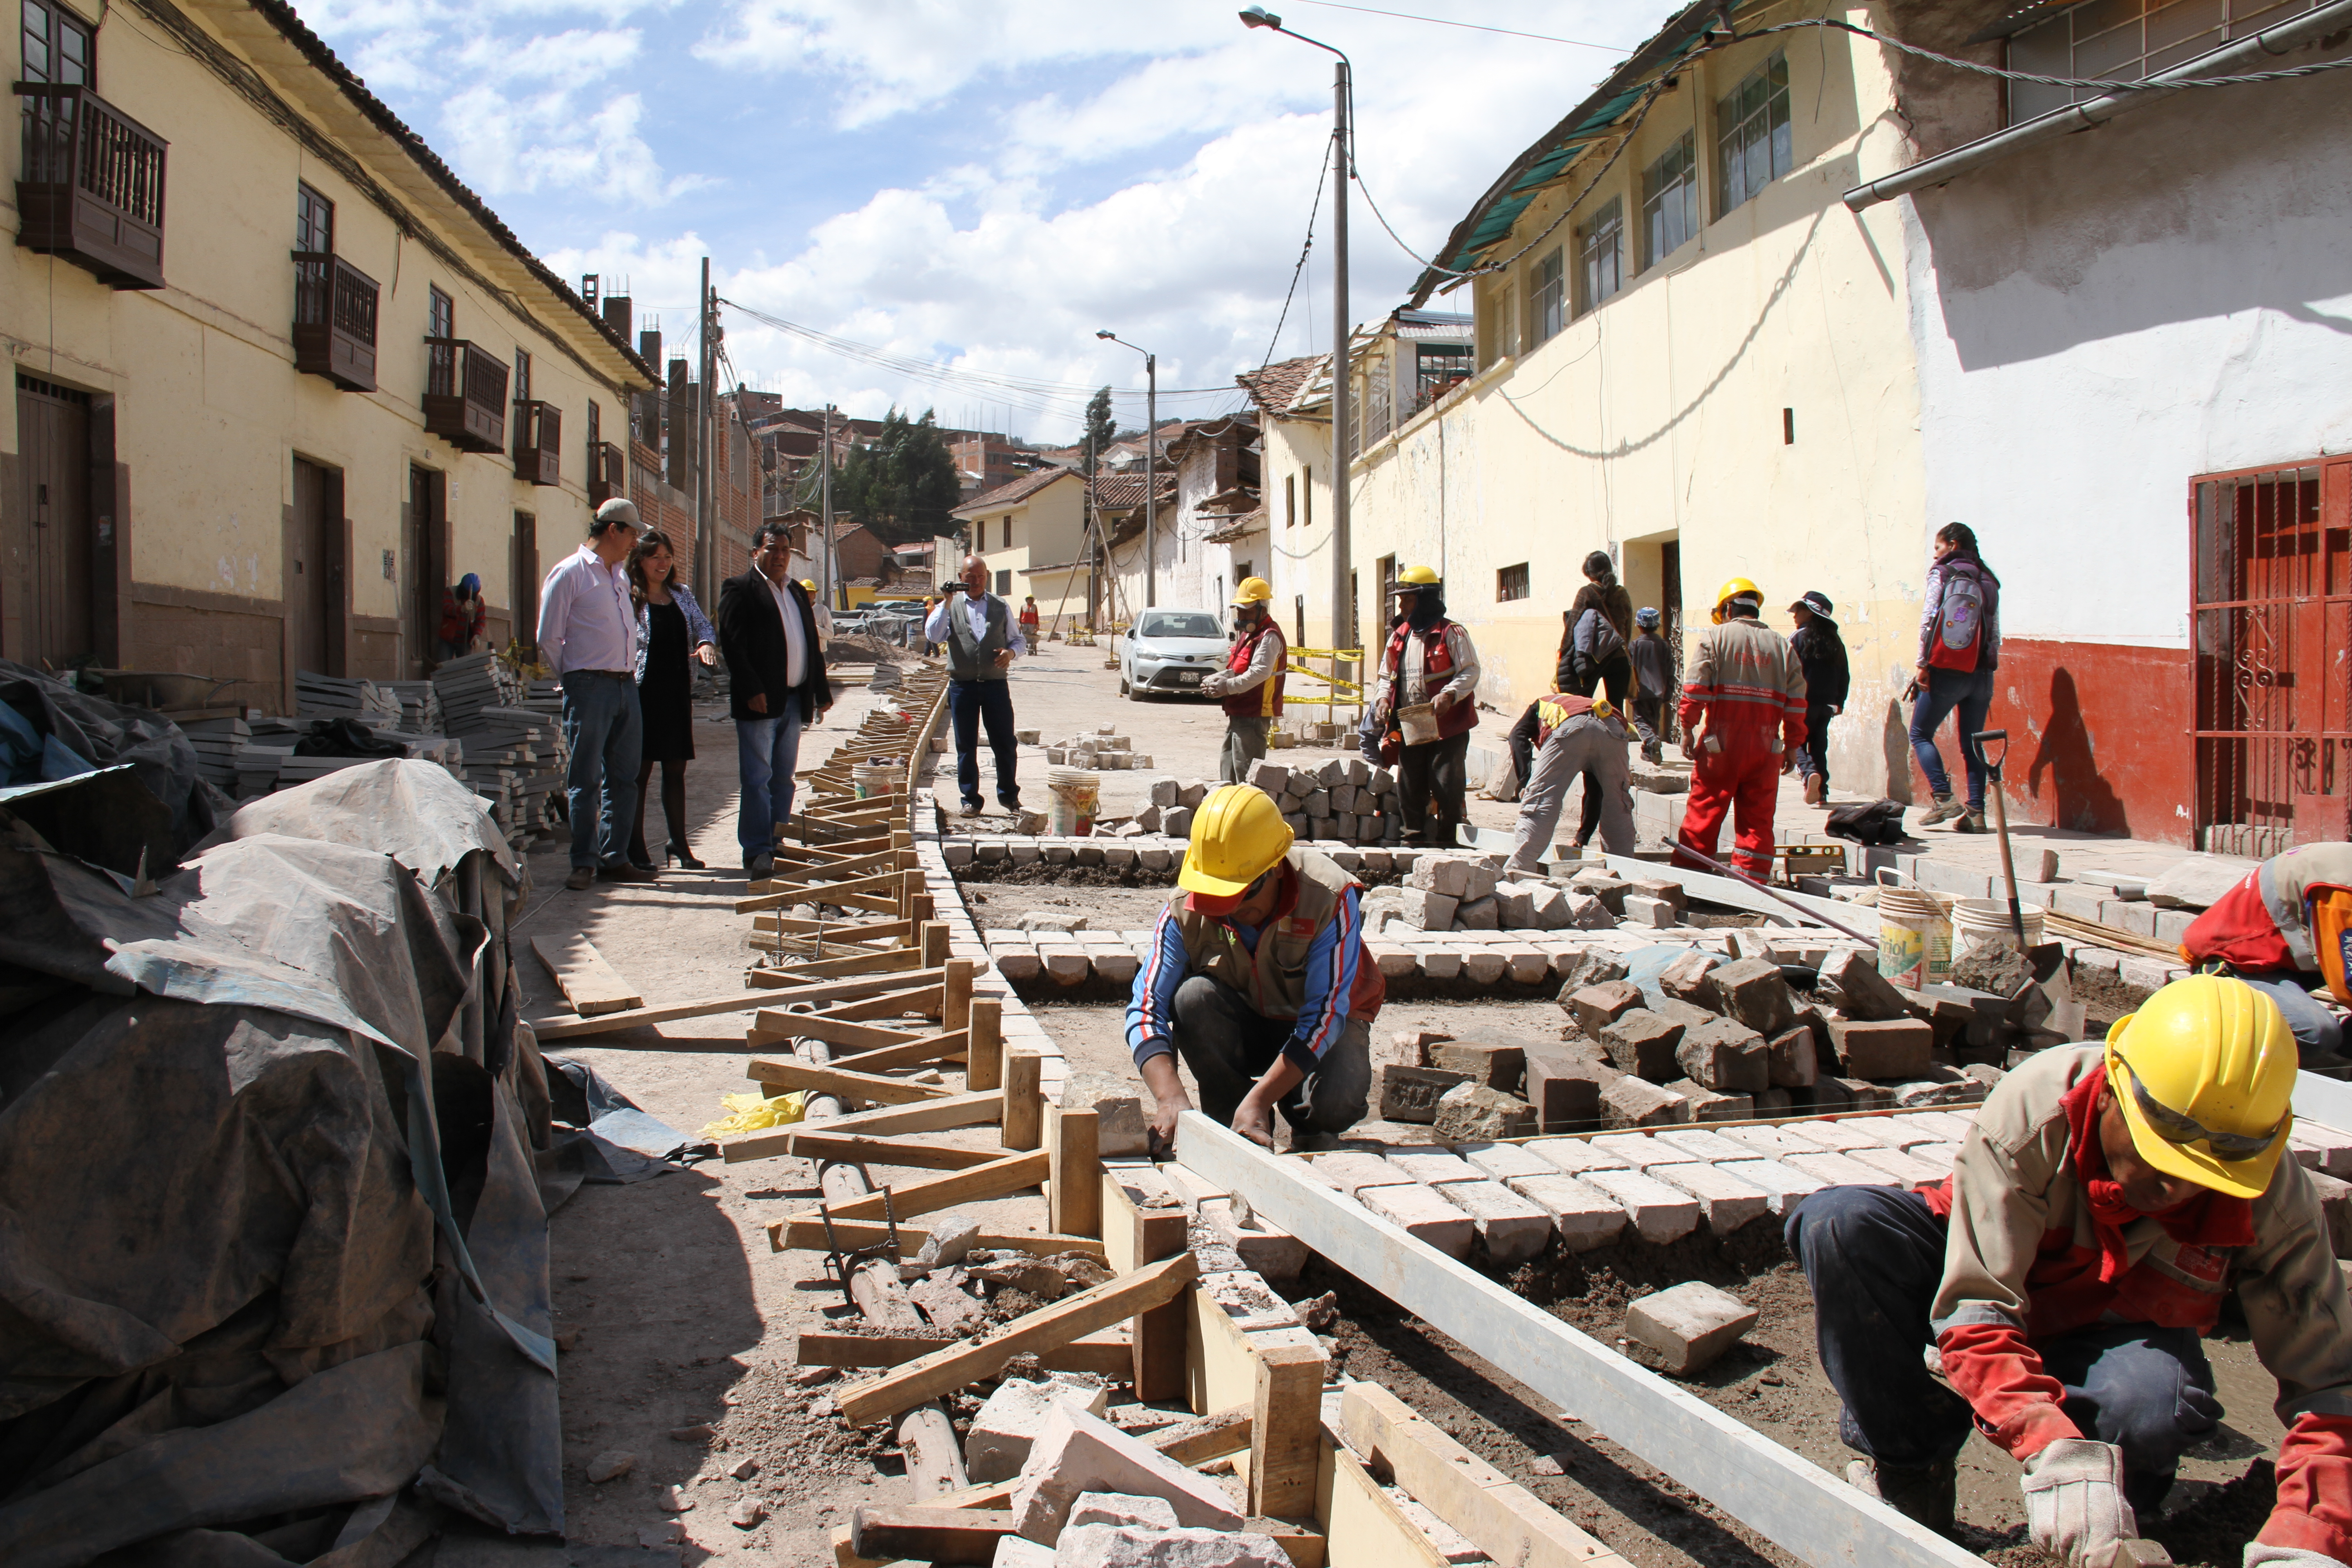 Alcalde de la ciudad y regidores verificaron avance físico MUNICIPALIDAD DEL CUSCO EJECUTA OBRAS EN EL CENTRO HISTÓRICO Y SECTOR DE INDEPENDENCIA POR MÁS DE 6 MILLONES DE SOLES